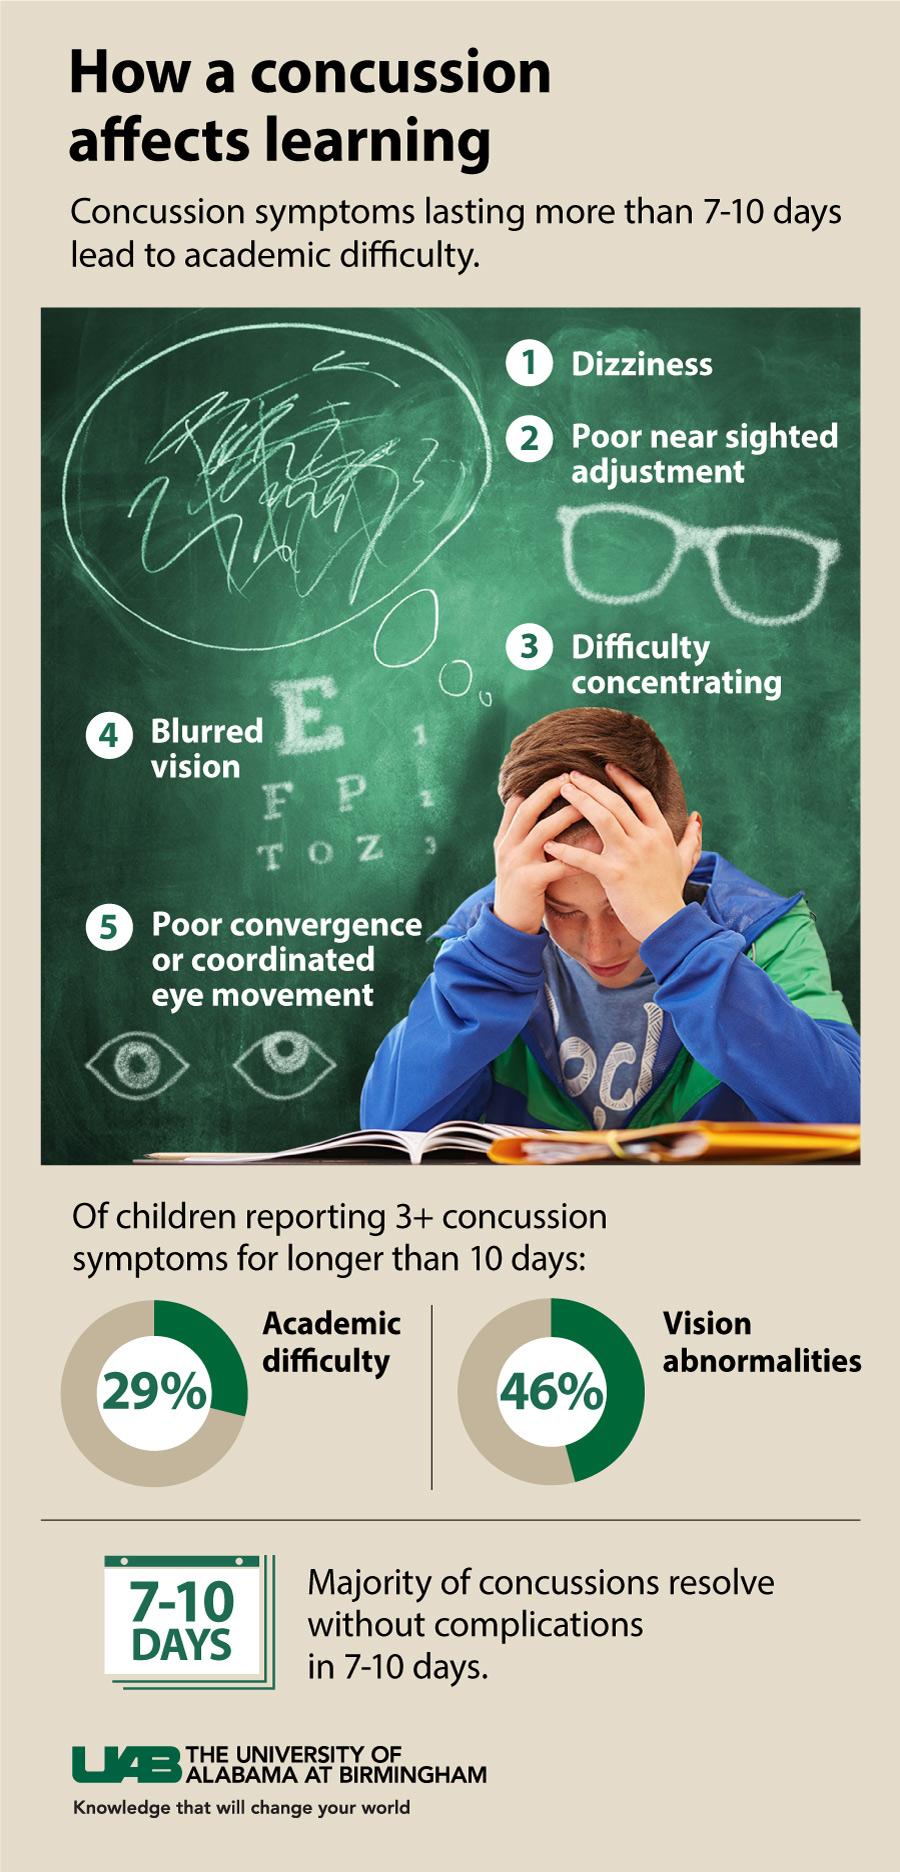 vision symptoms following concussion limit a child u0026 39 s